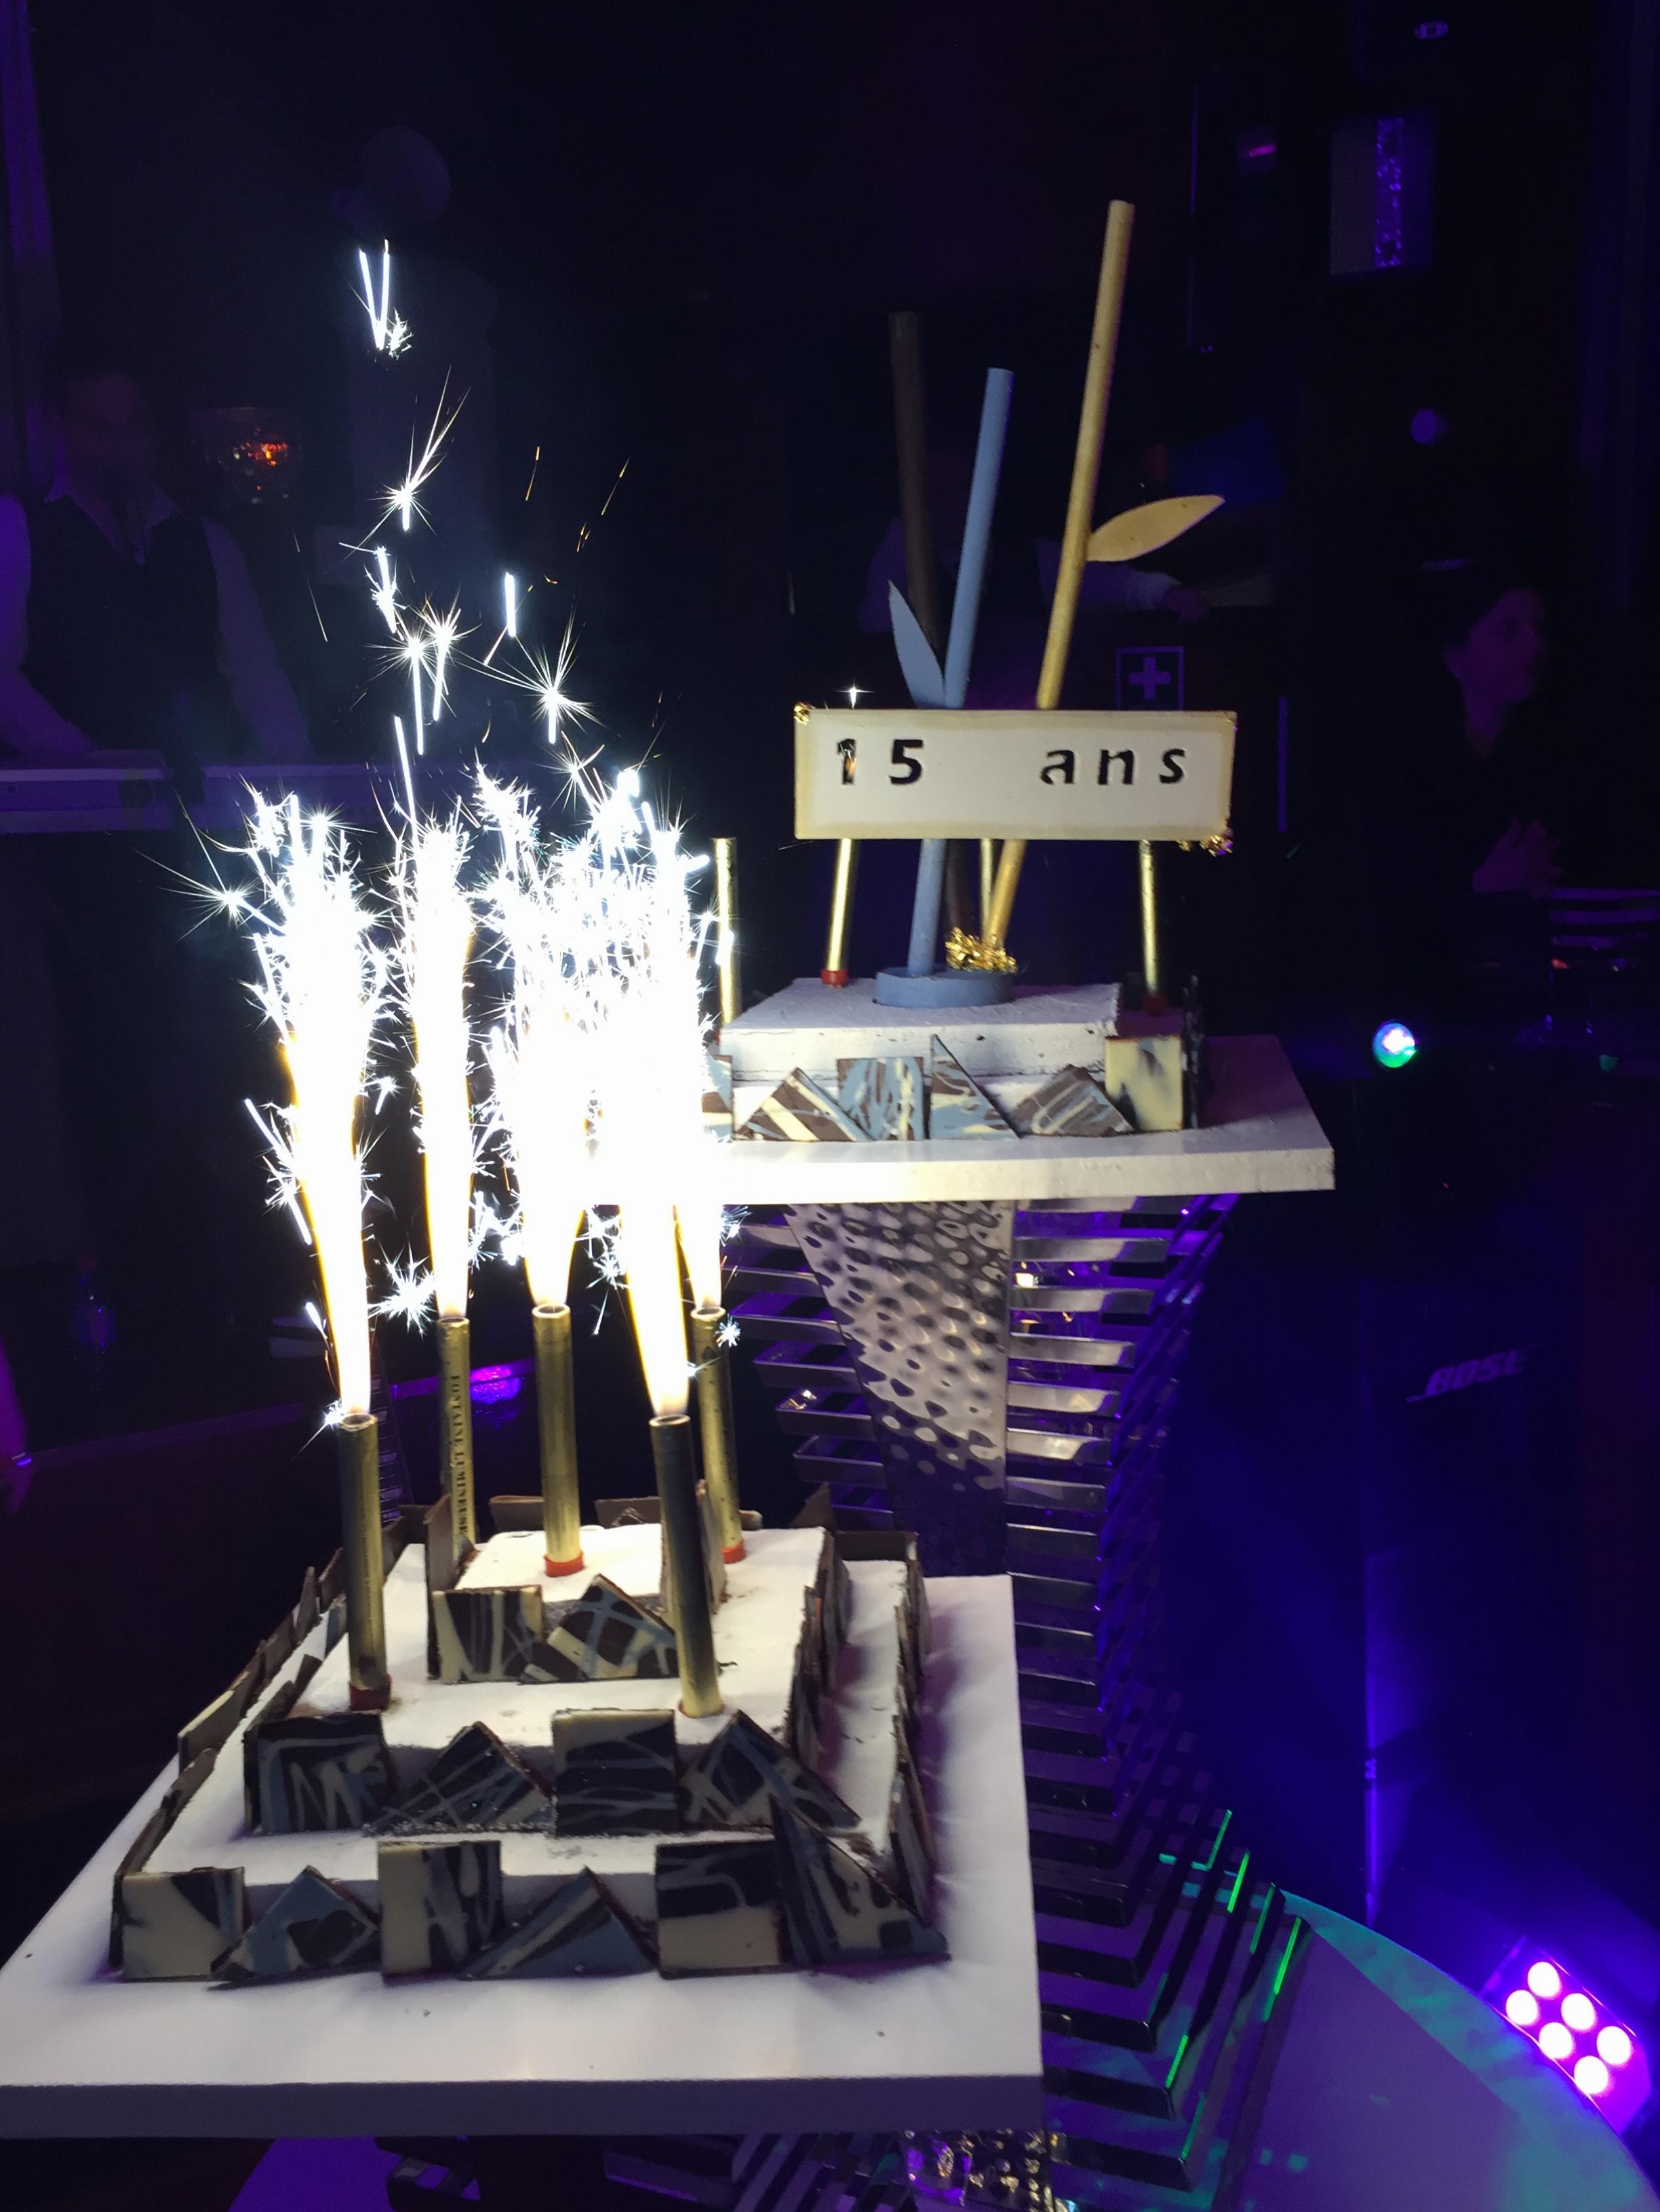 Gâteau d'anniversaire des 15 ans de Thalazur